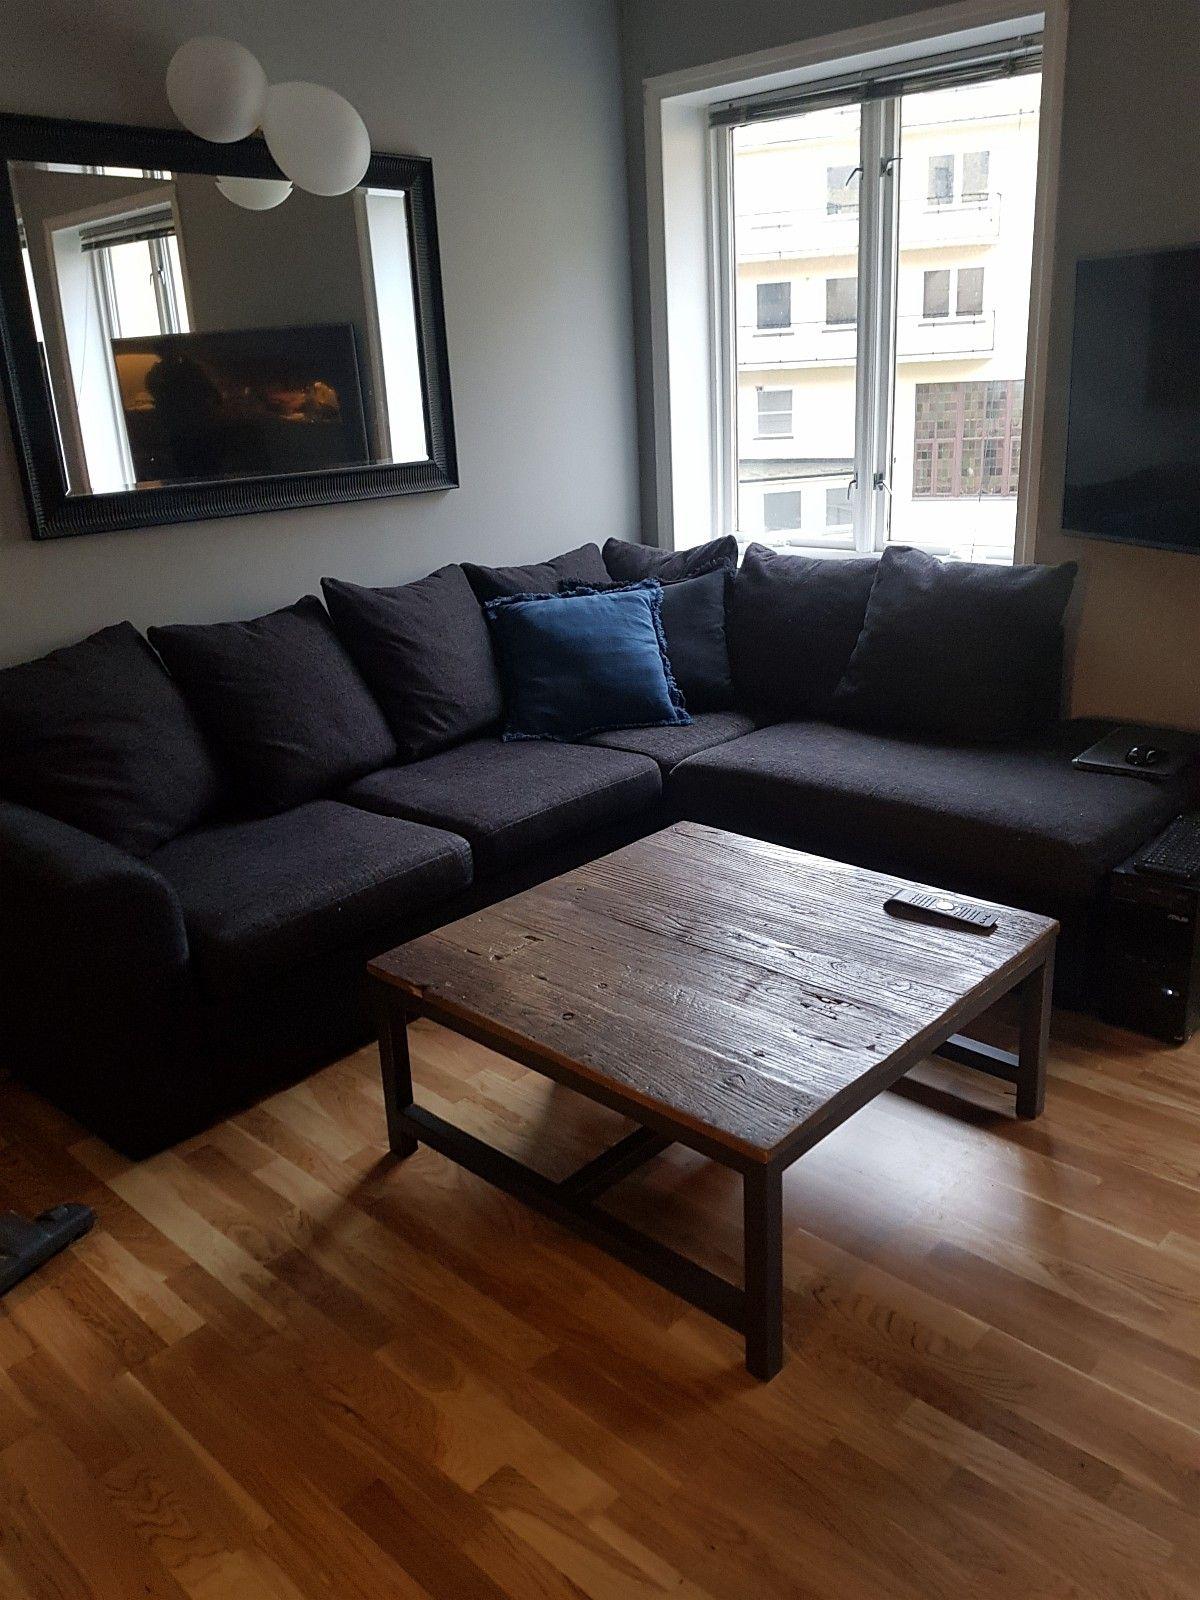 Sofa - Bergen  - Selger fin brukt sofa da vi skal flytte. Trekkene kan vaskes. - Bergen